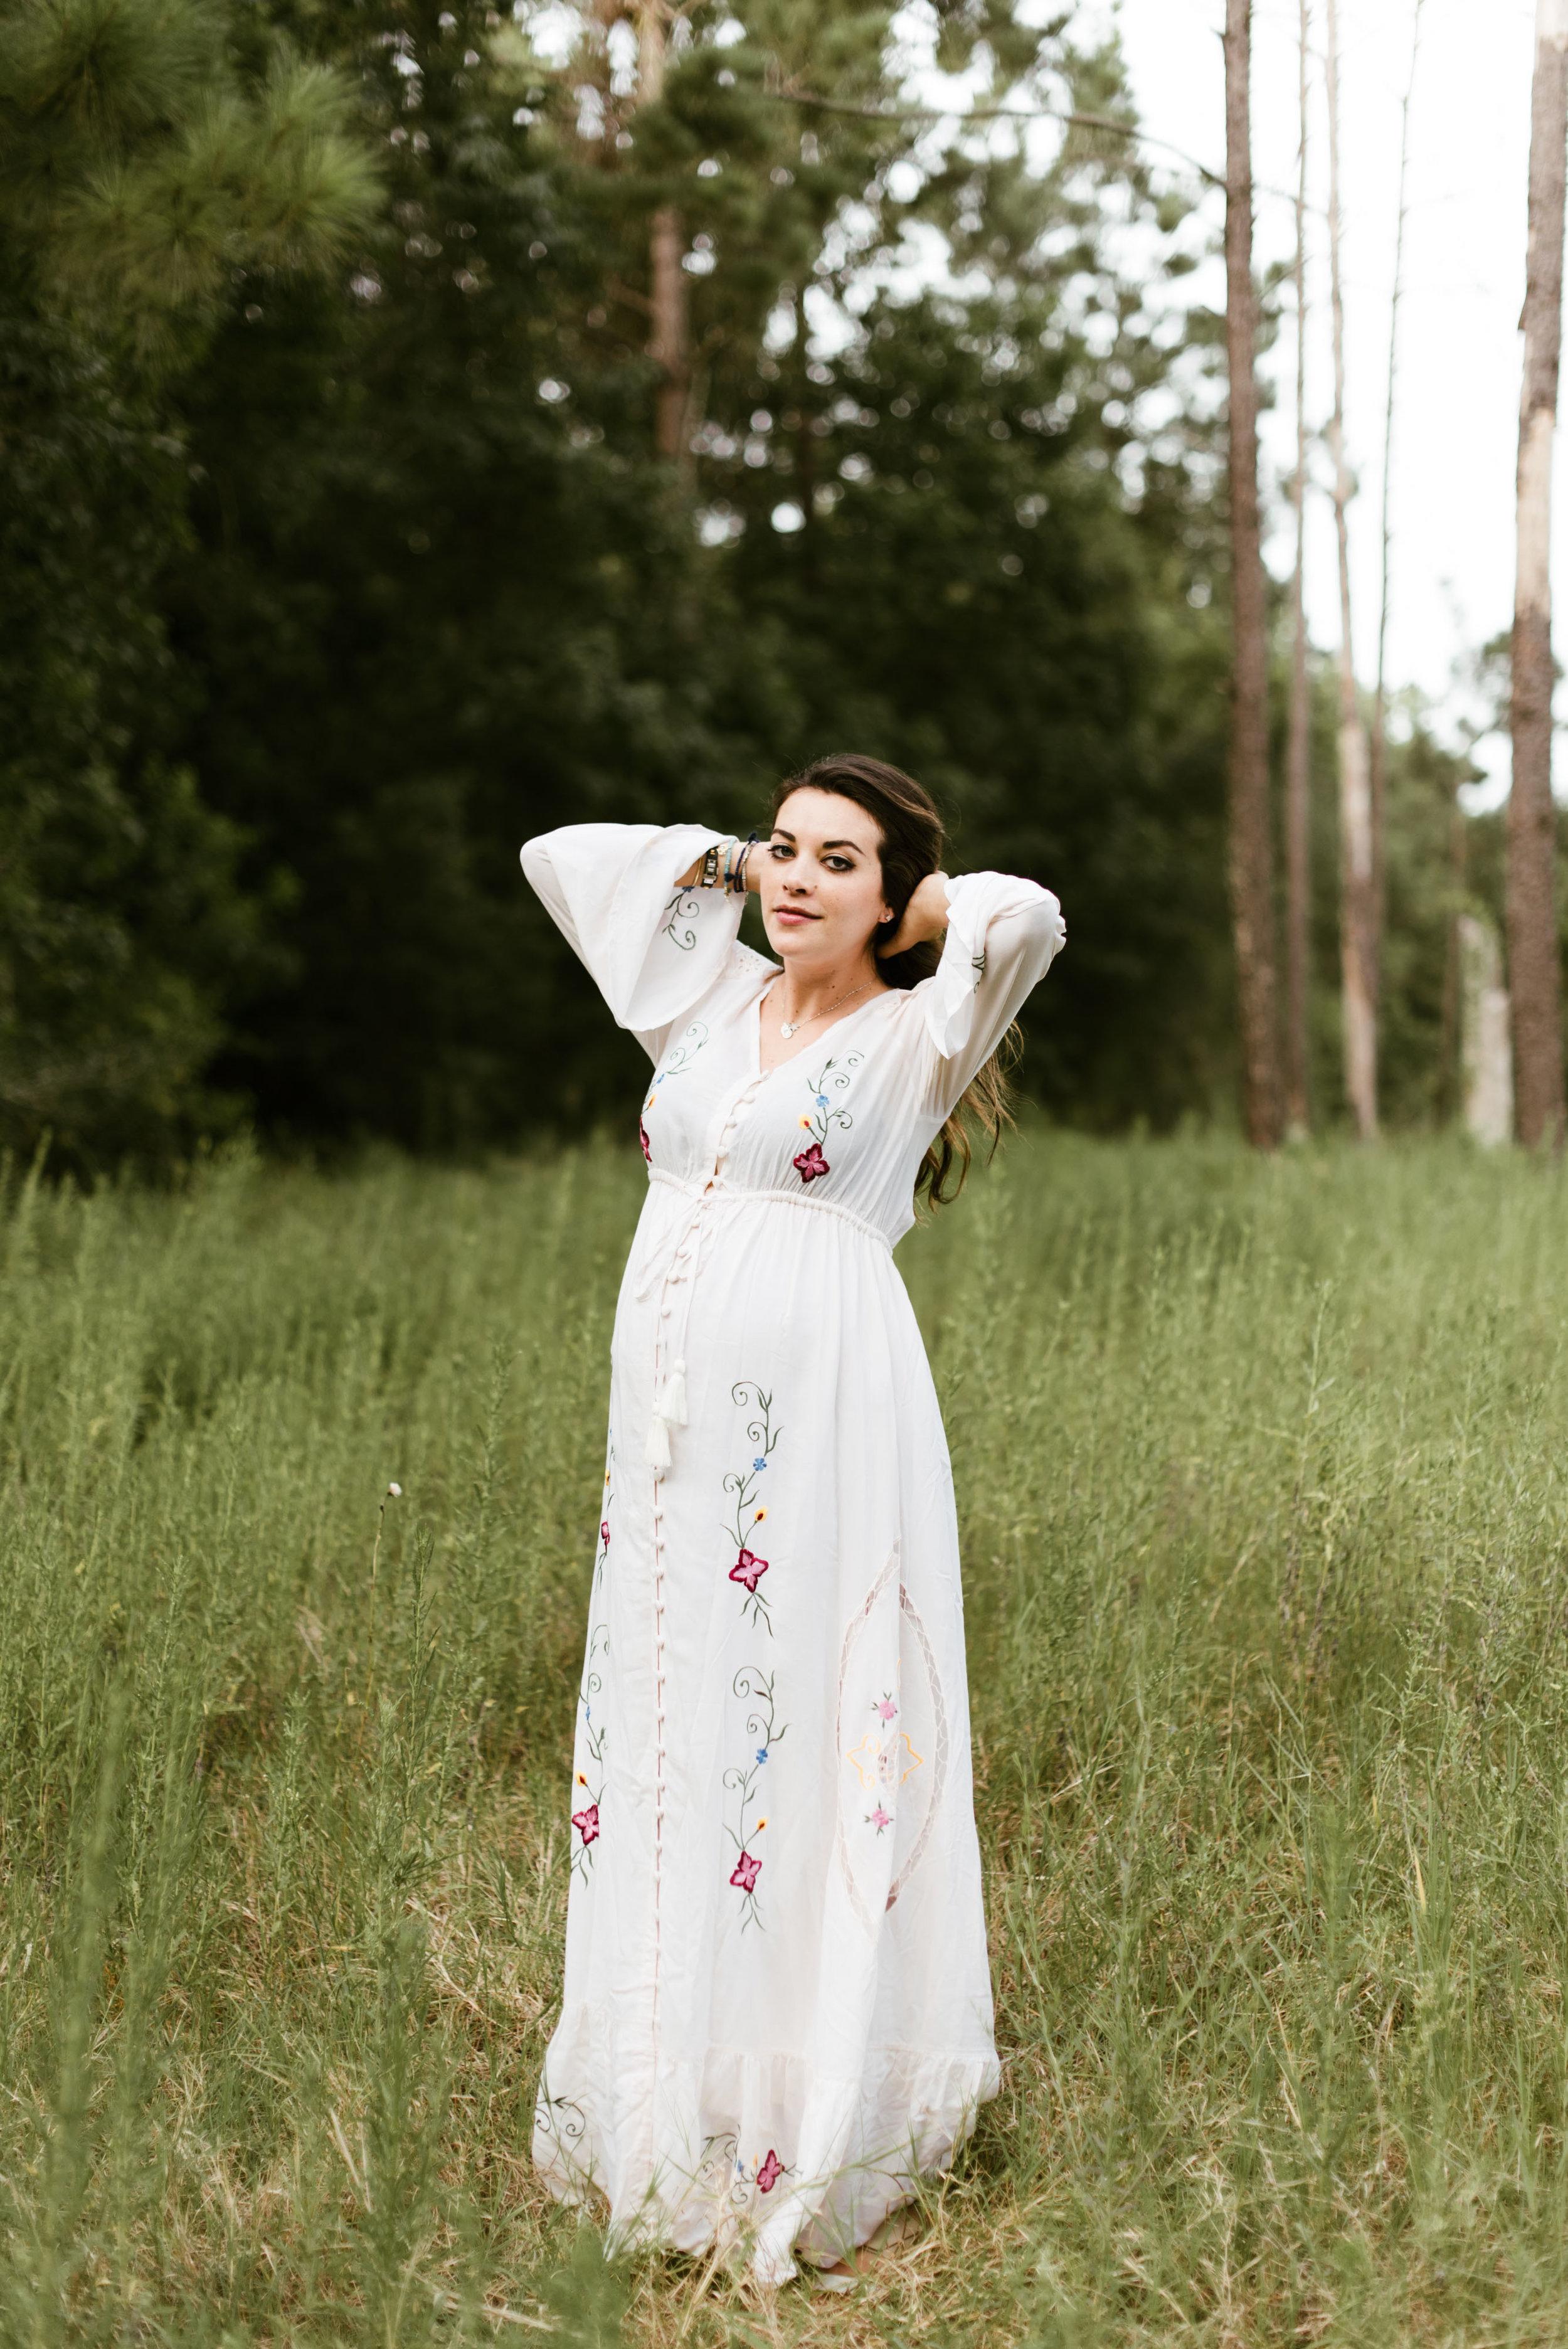 Atascocita Maternity Photographer